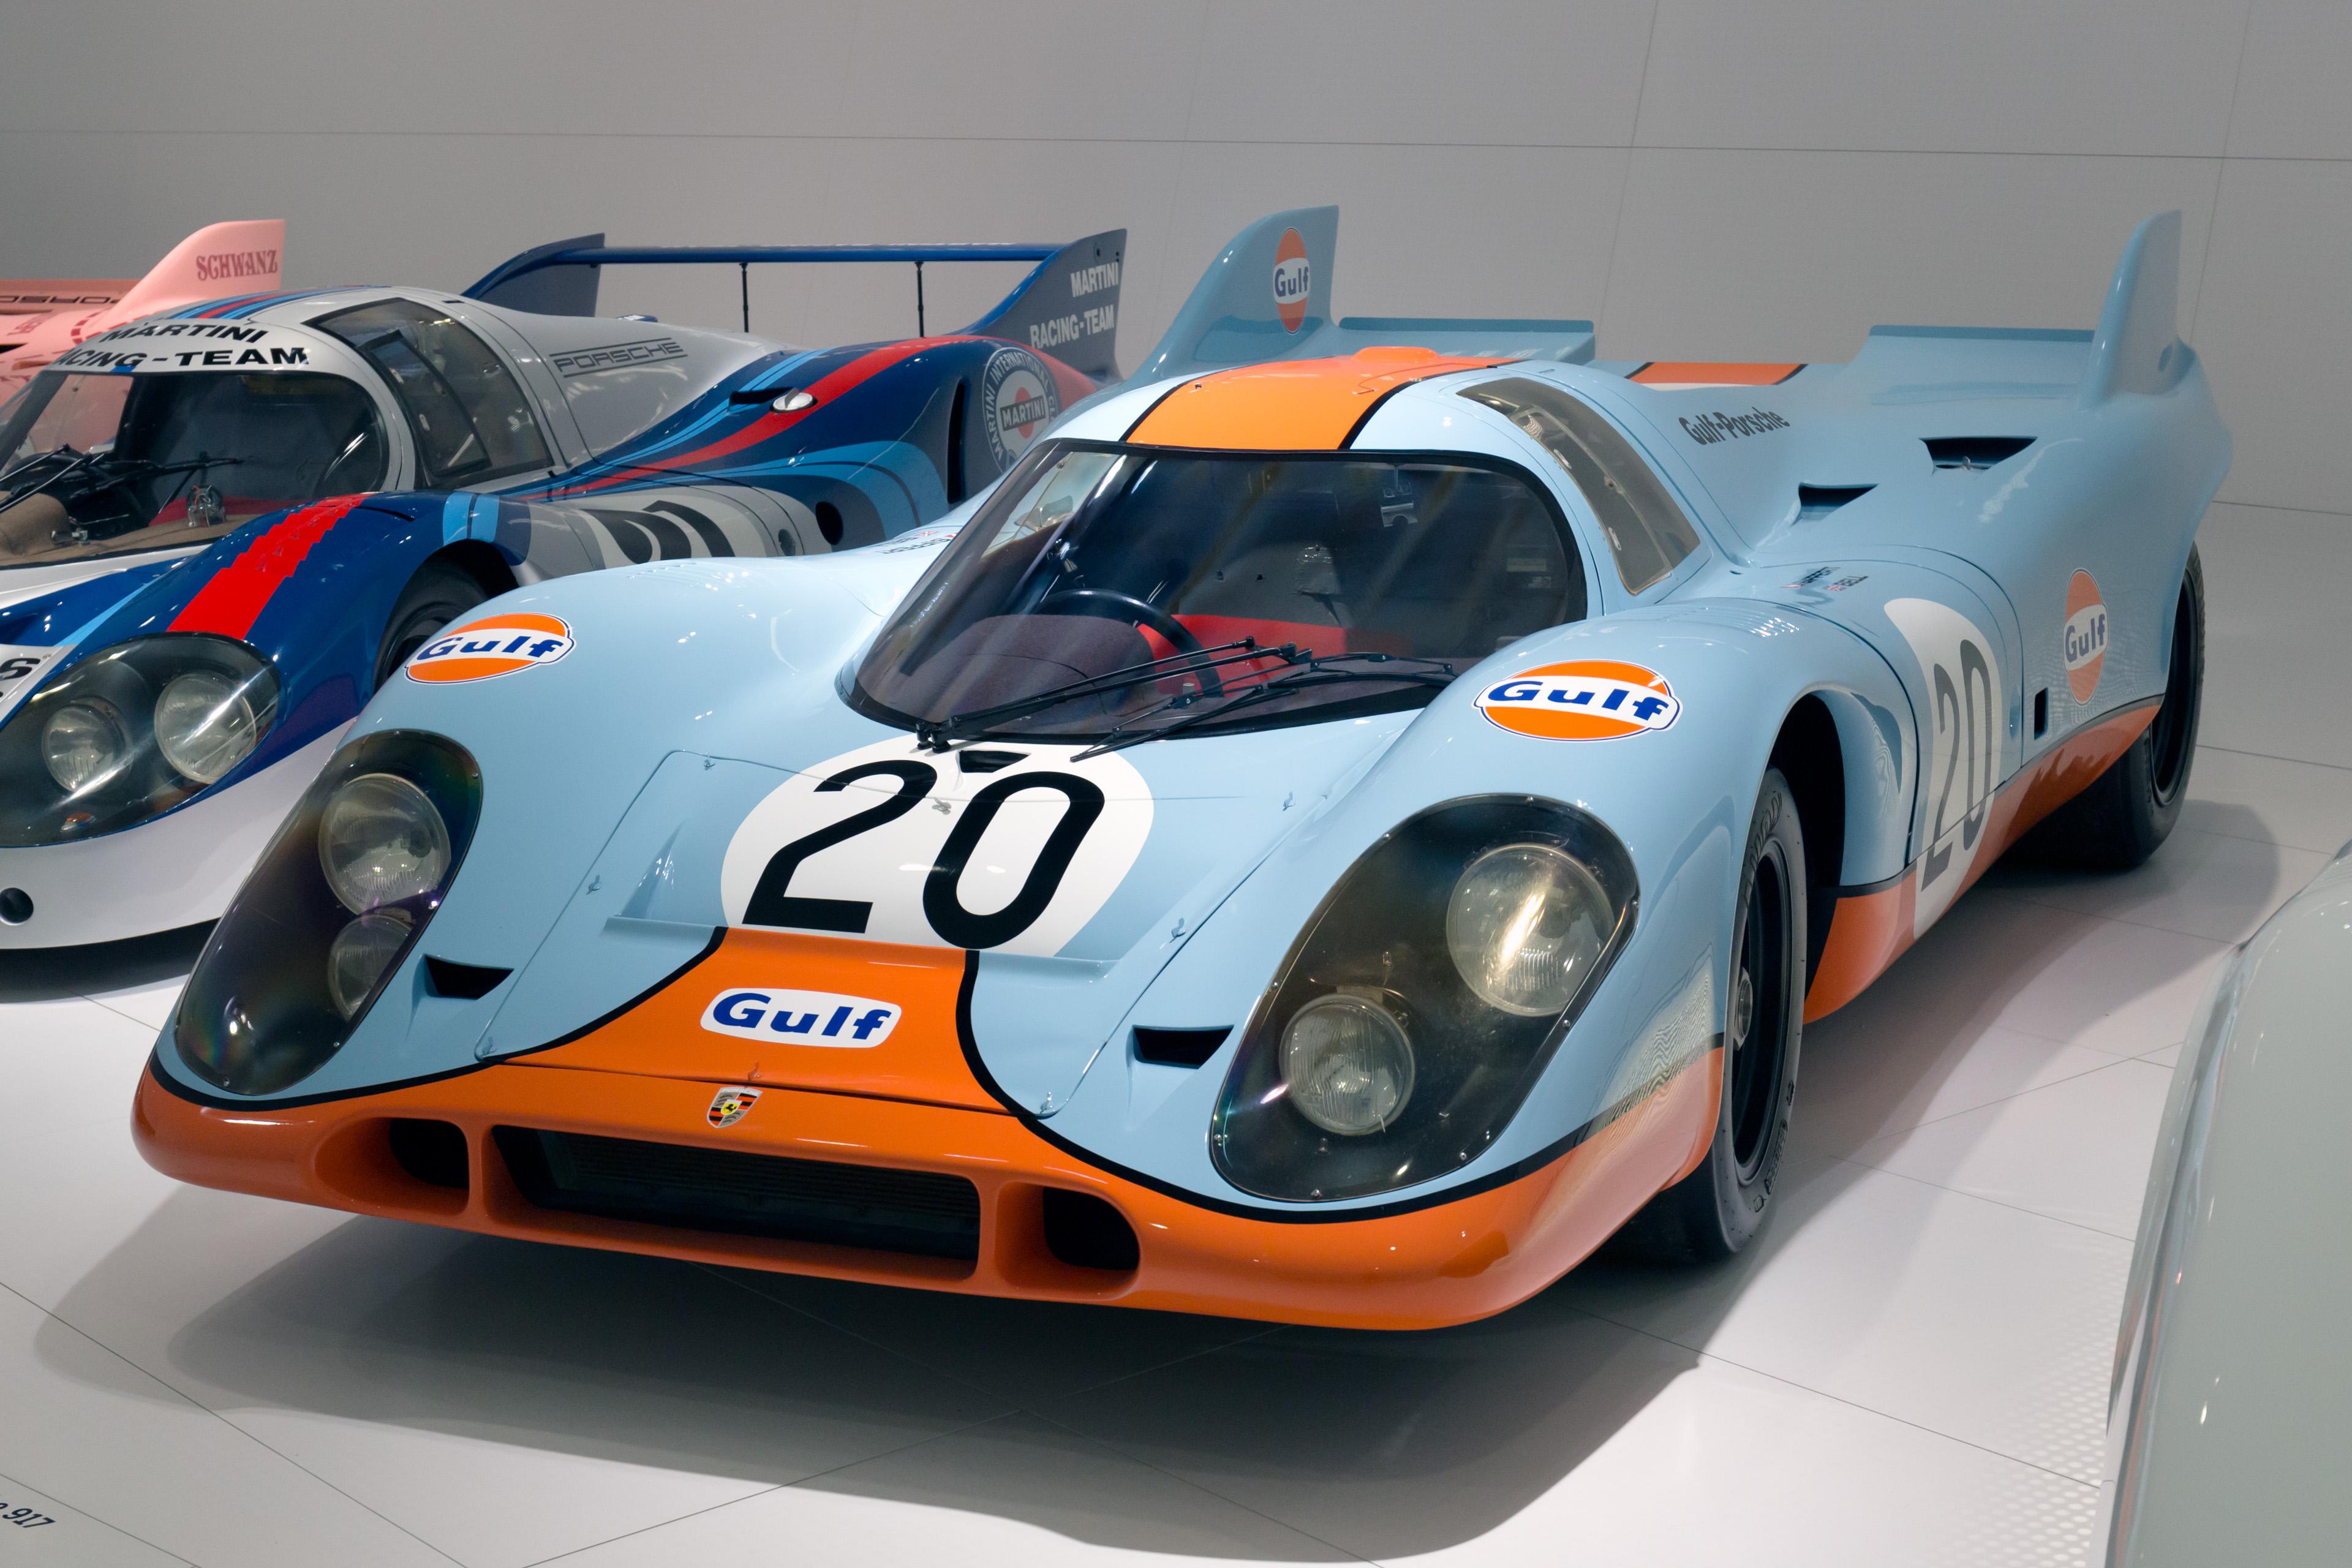 Gulf racing porsche wallpaper